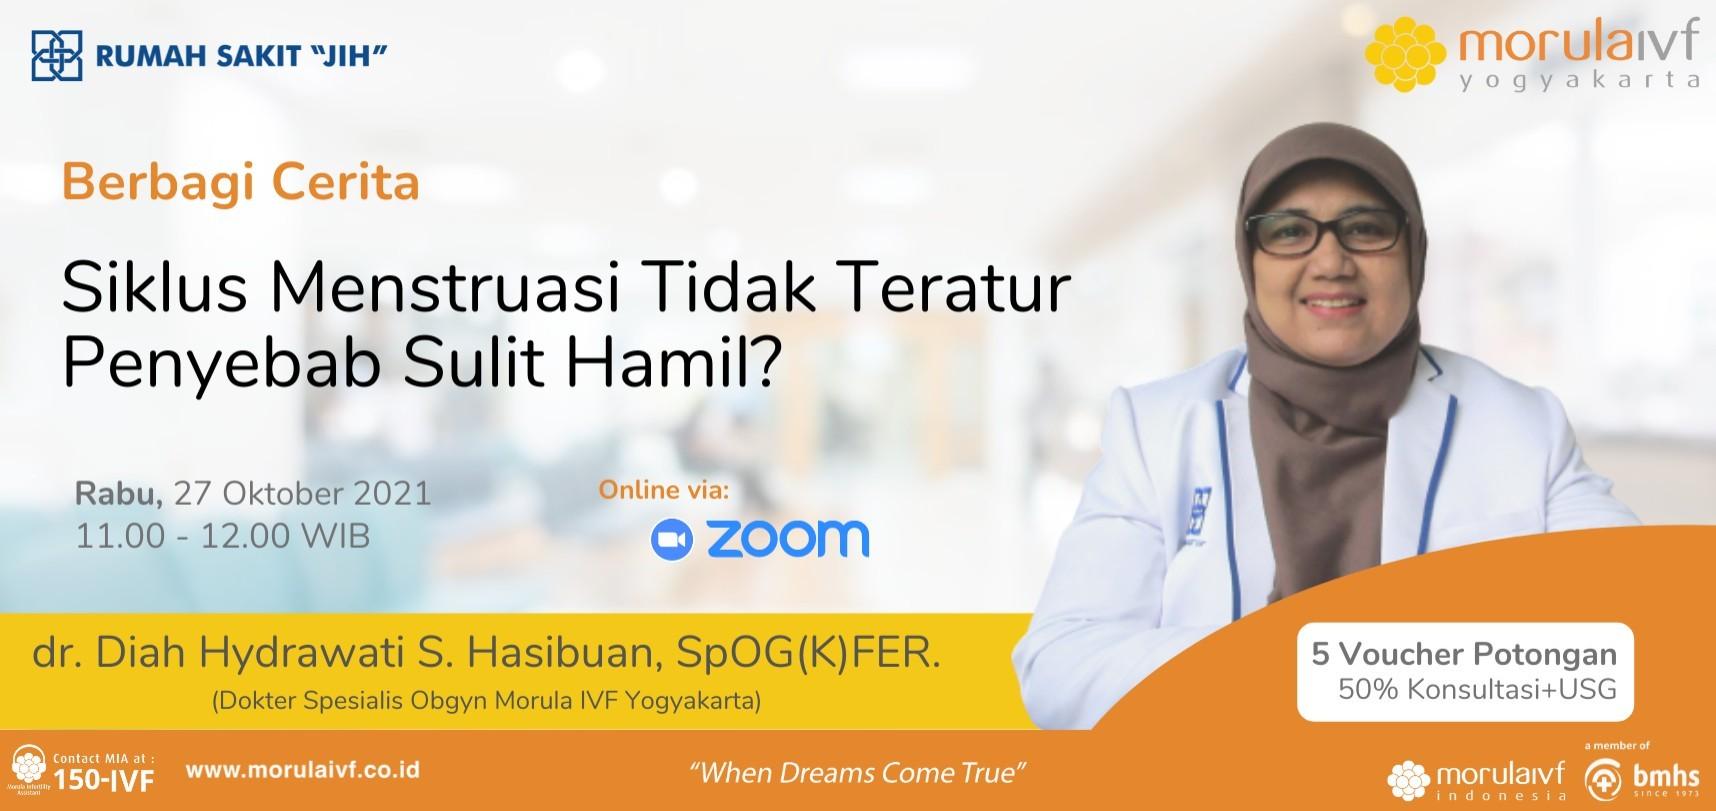 Morula Berbagi Cerita Bersama dr. Diah Hydrawati S. Hasibuan, SpOG(K)FER.